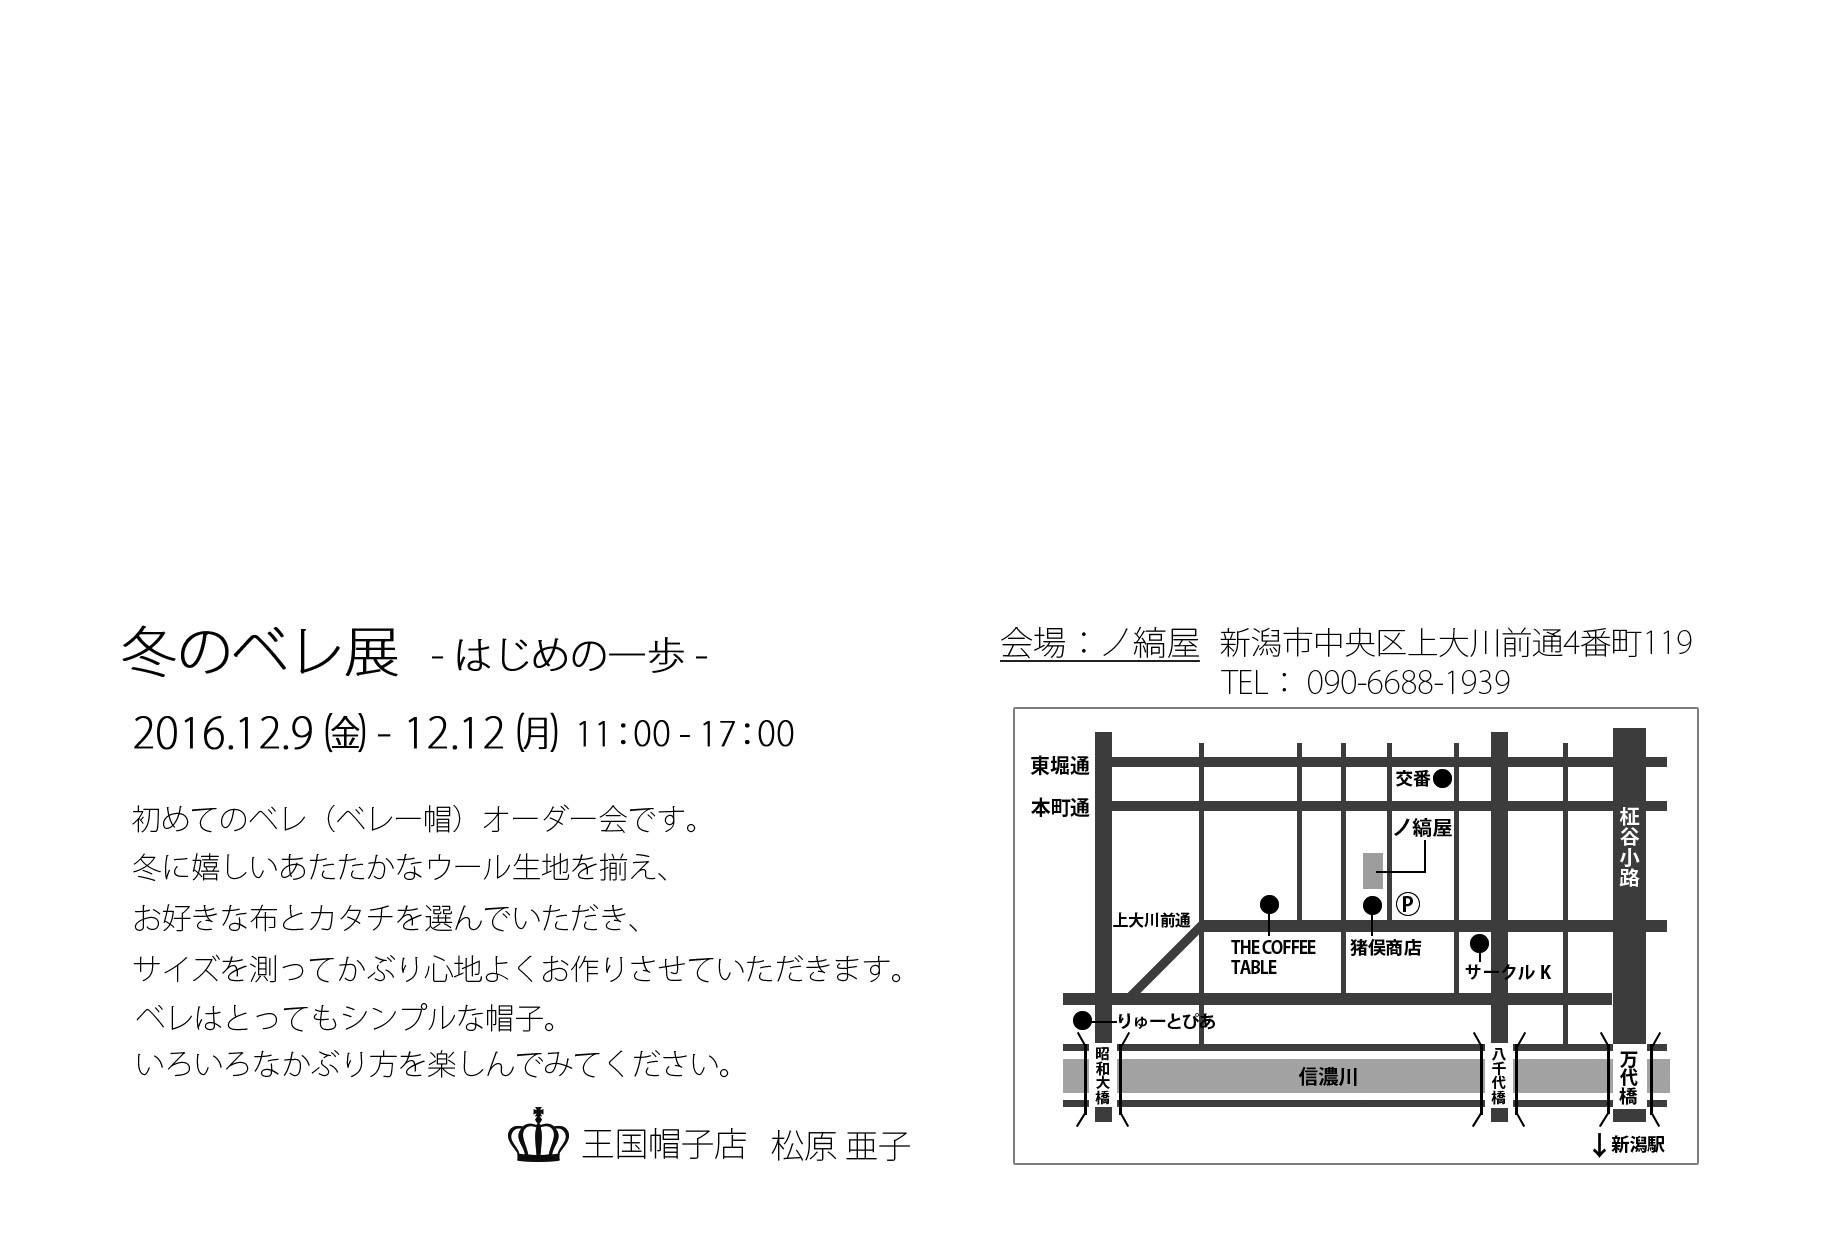 20161206_2.jpg